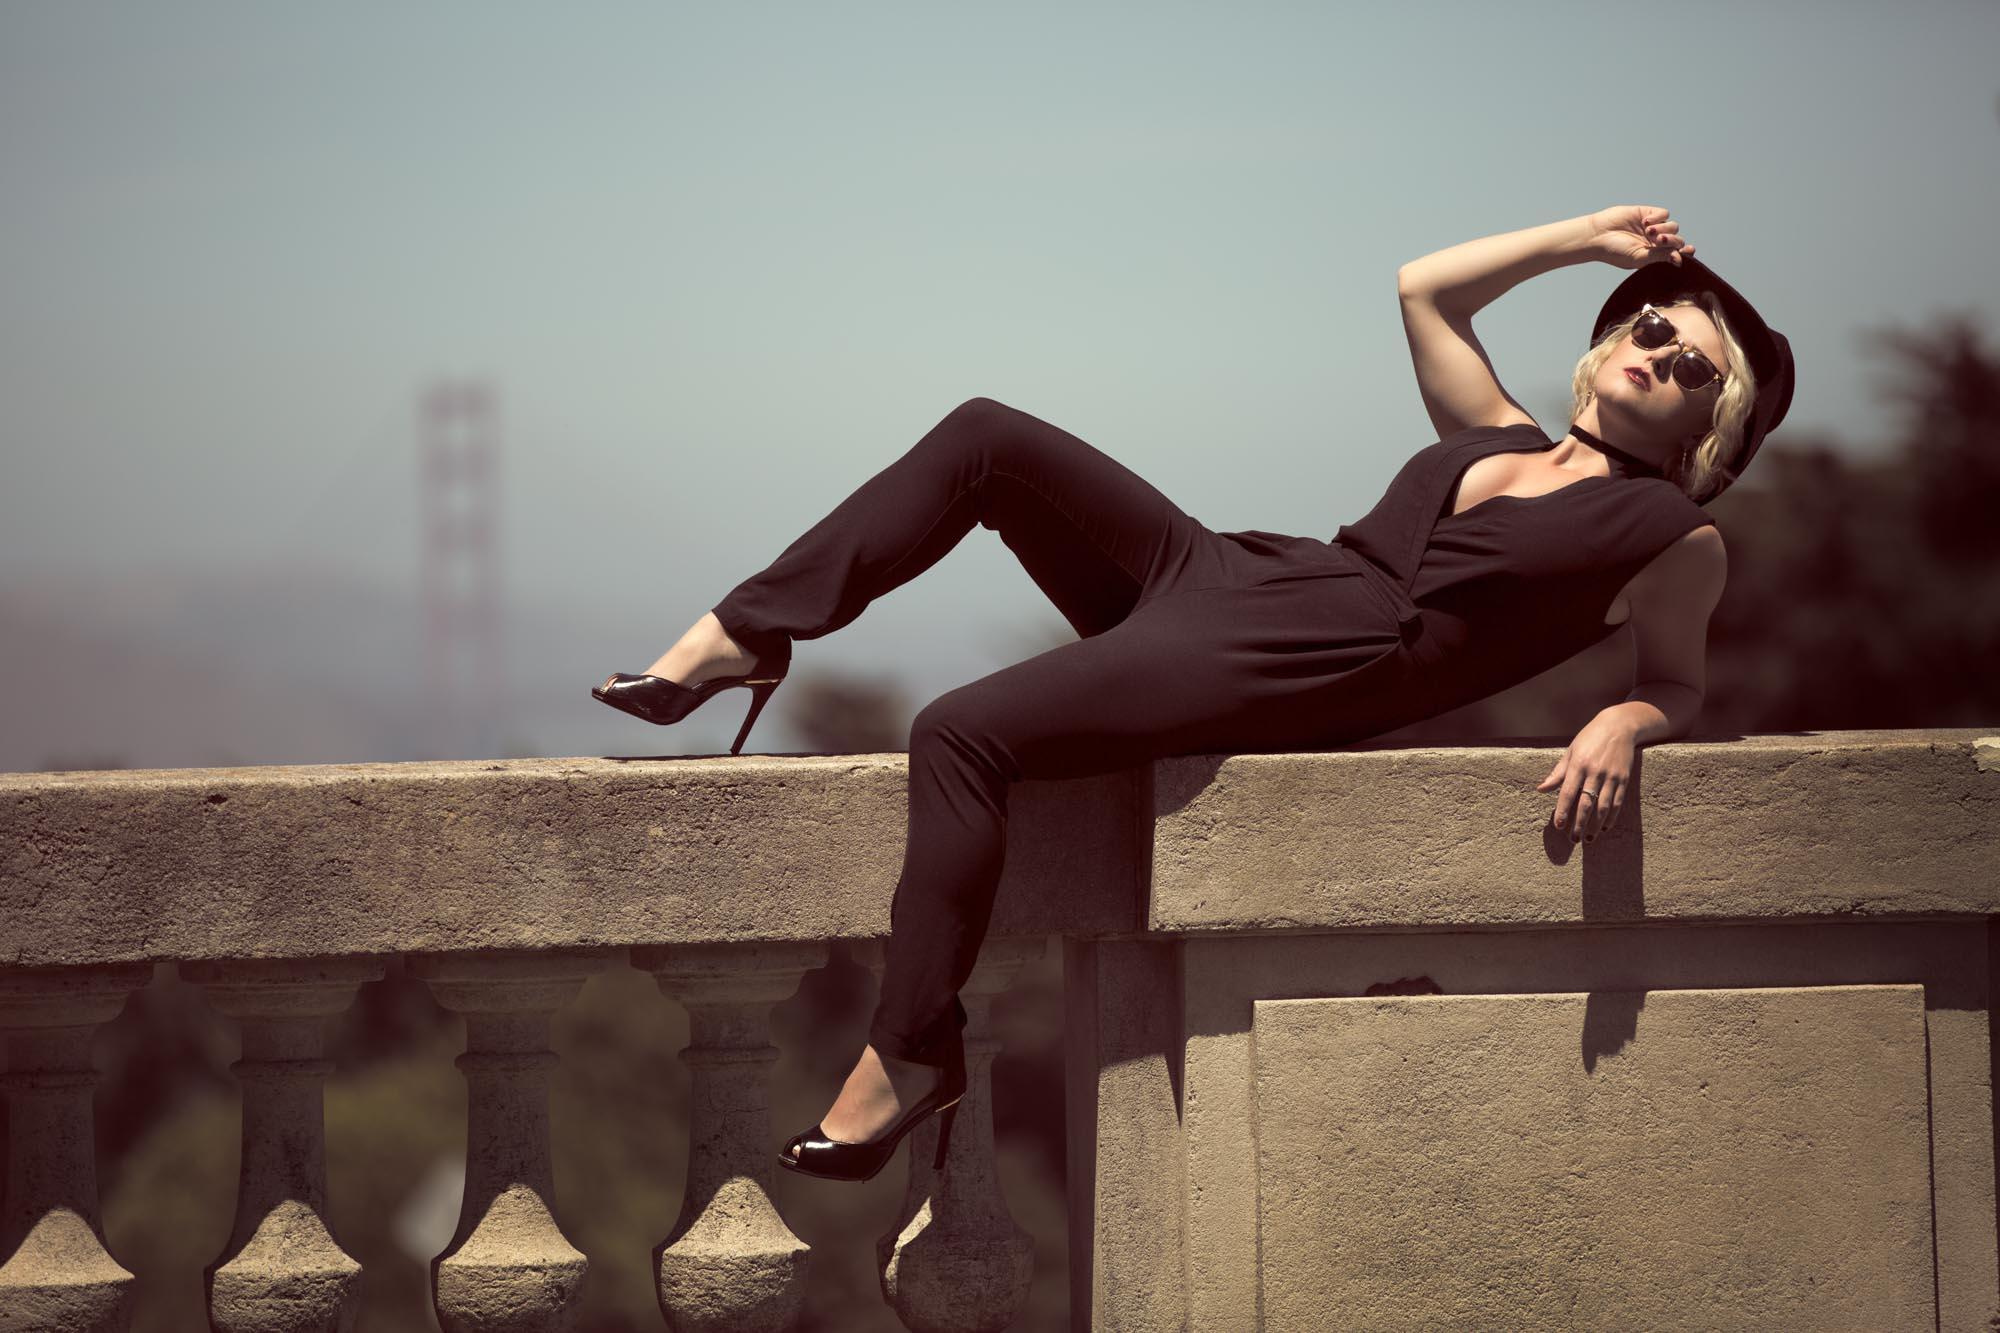 Meg's portrait session with San Francisco Portrait photogragrapher Jason Guy